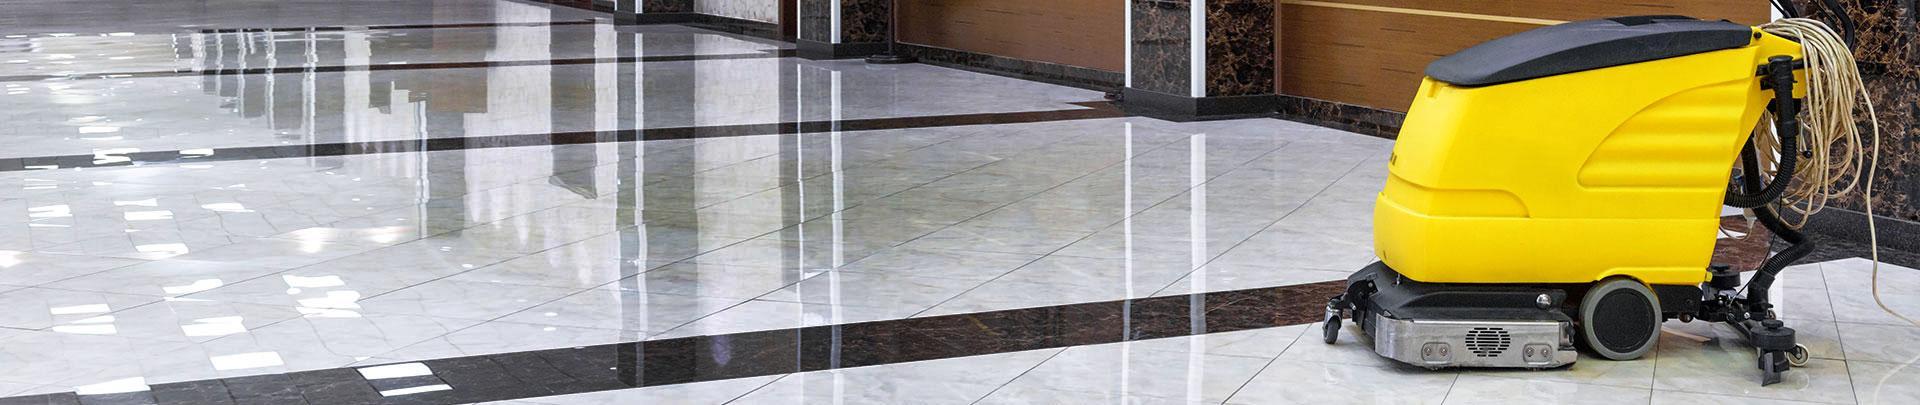 maszyna do czyszczenie podłogi